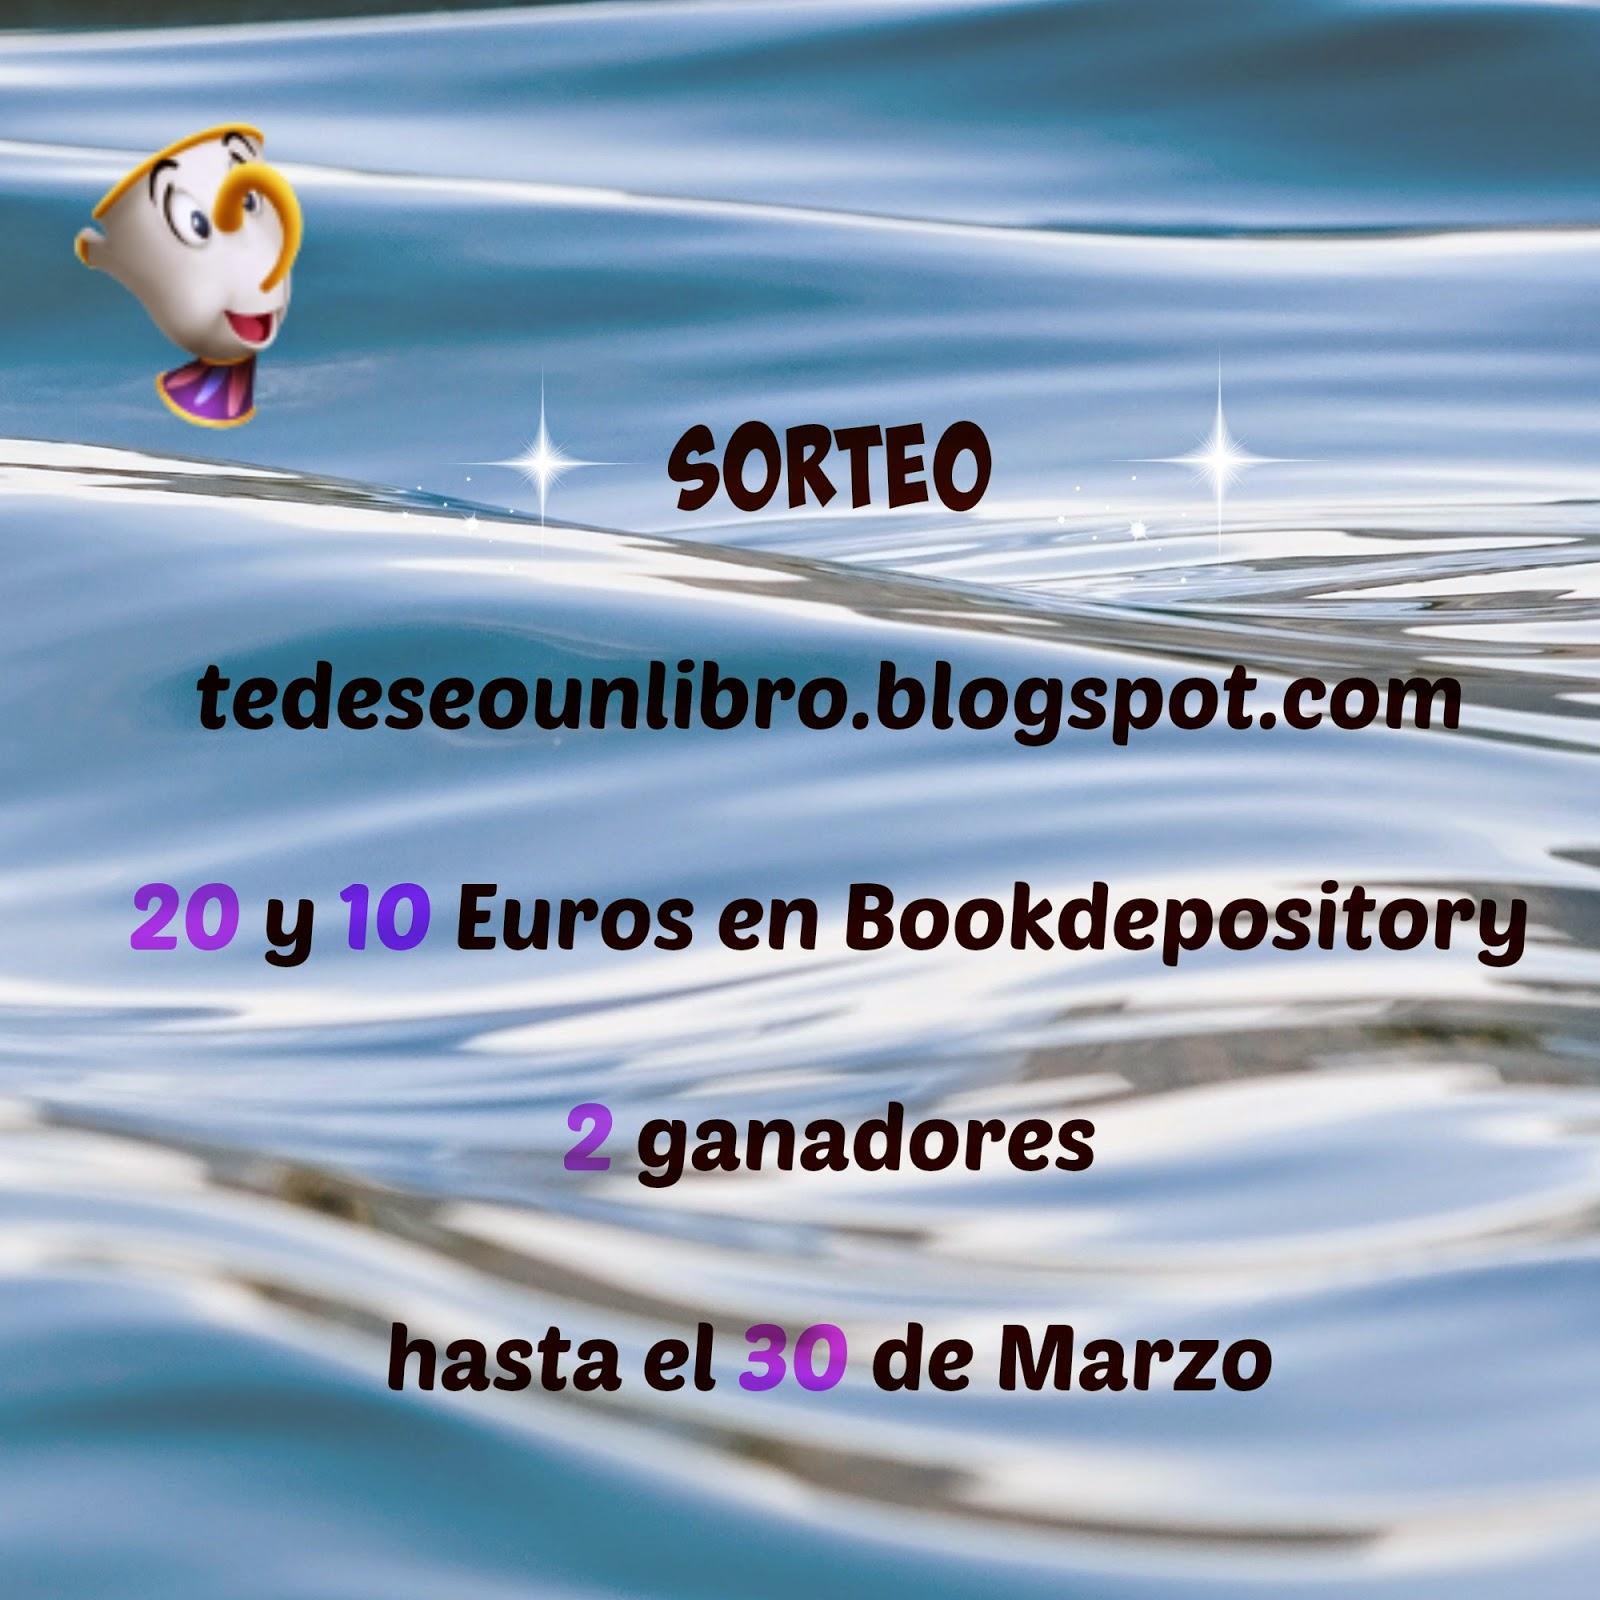 http://tedeseounlibro.blogspot.com.es/2015/02/sorteo-internacional-500-seguidores.html